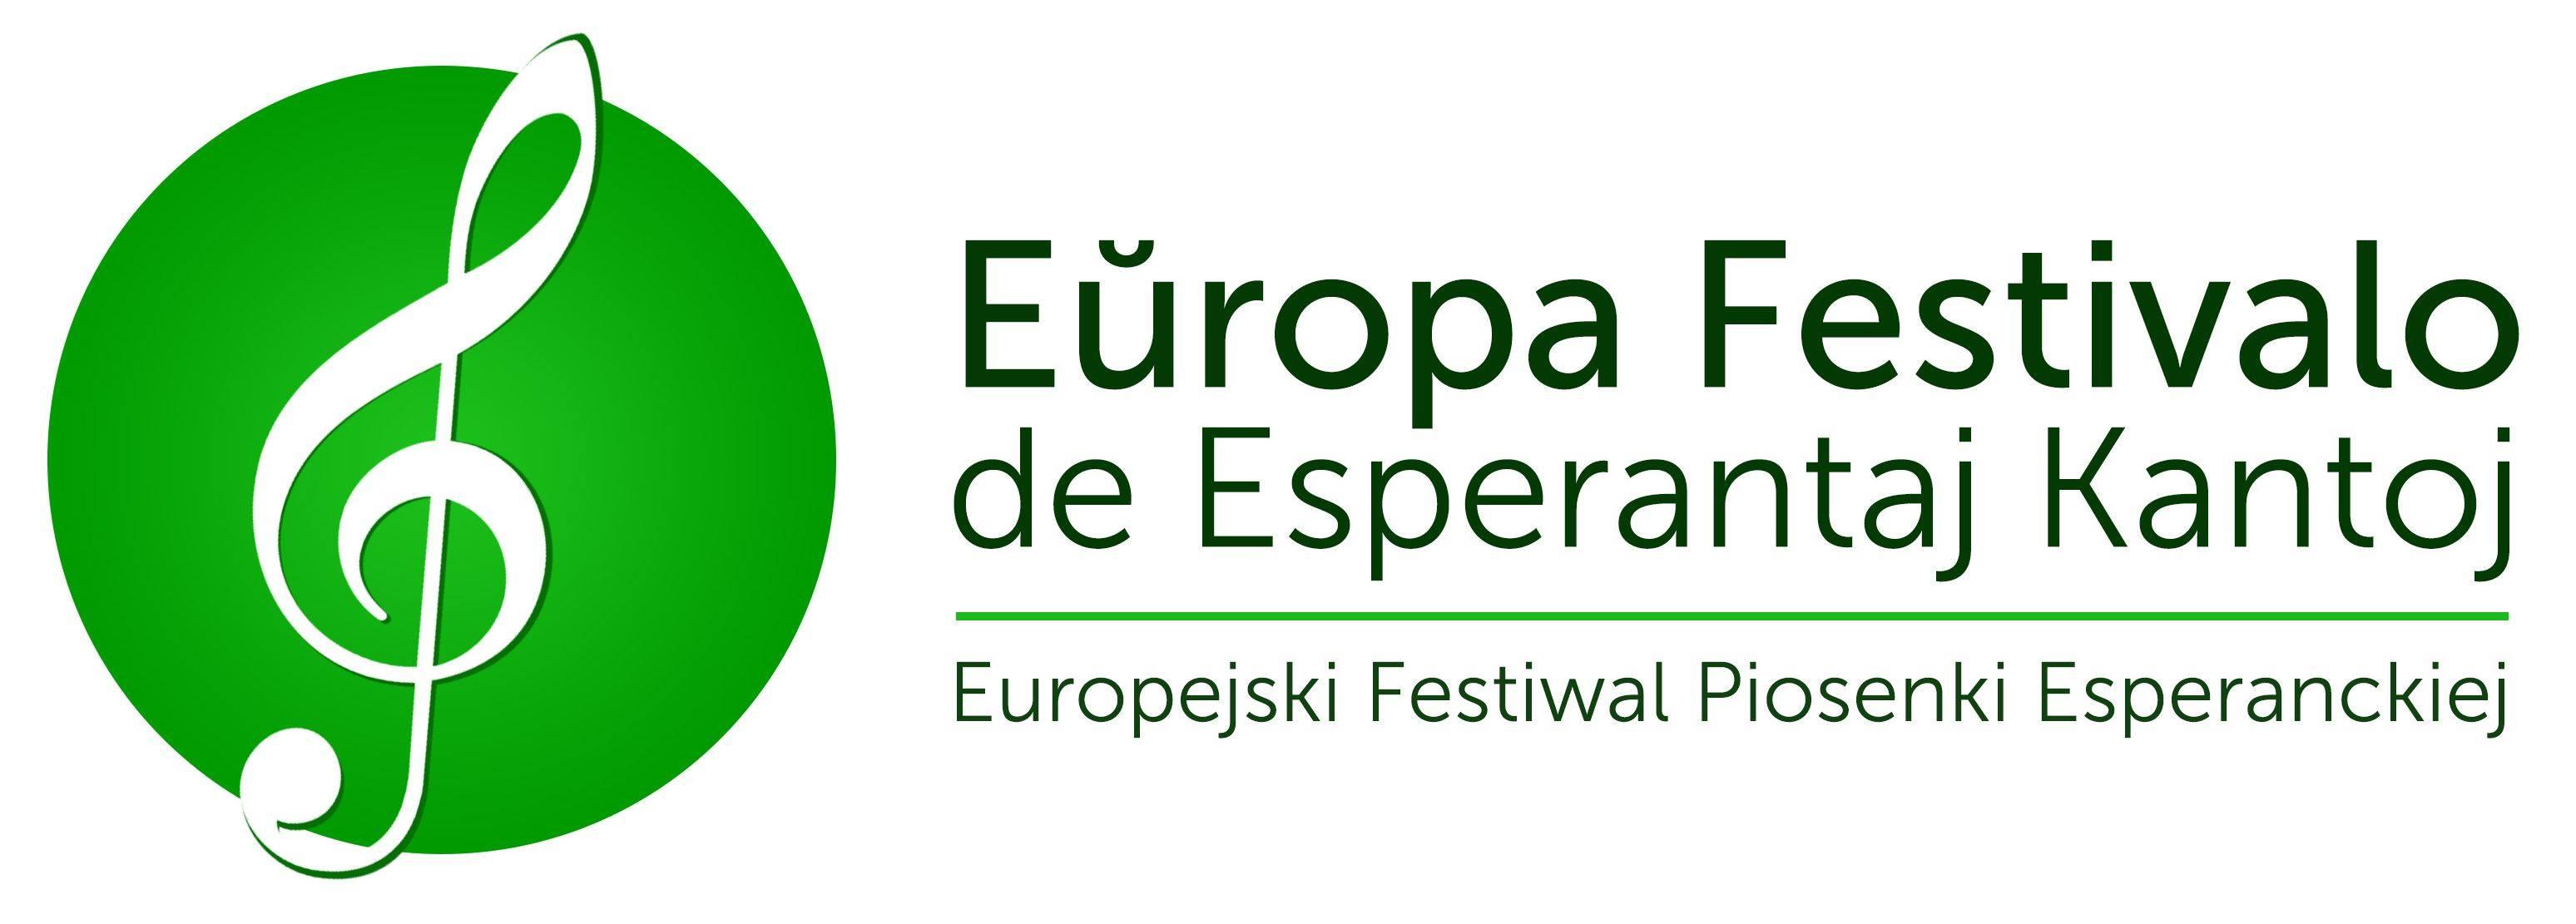 Festival Européen de Chants Espéranto, Wrocław (Pologne), 20-21 mai 2017